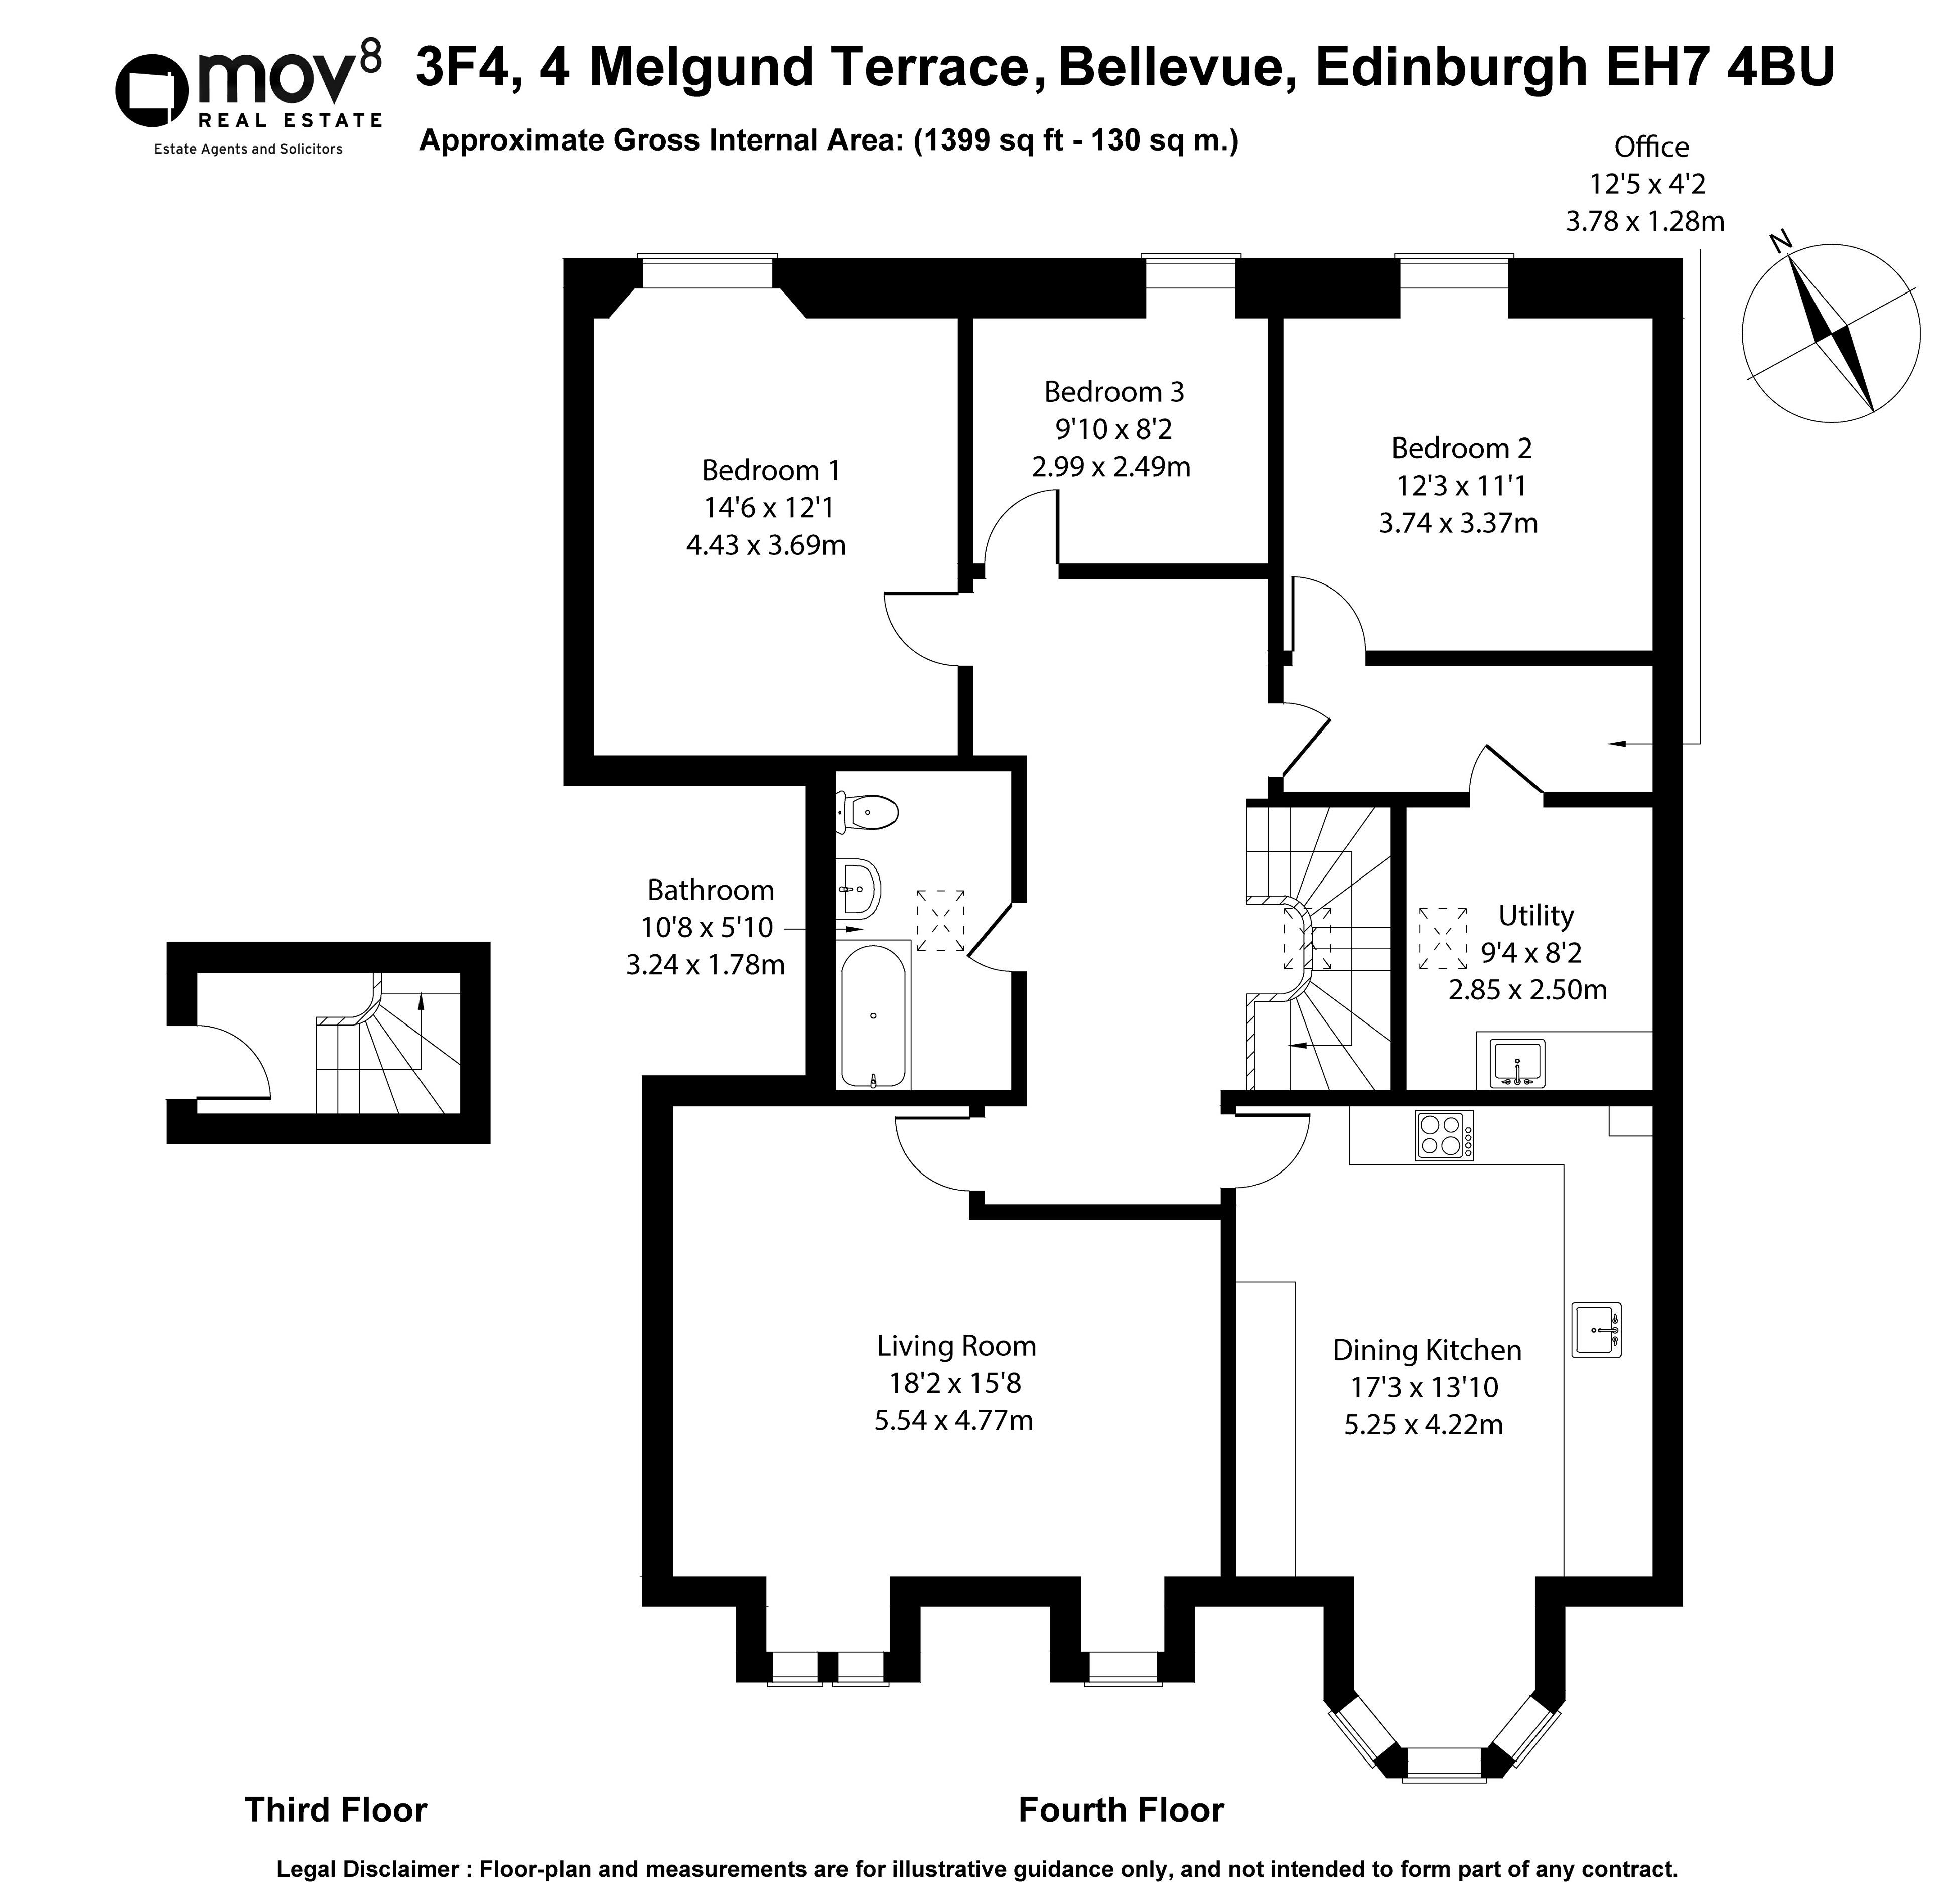 Floorplan 1 of 3F4, 4 Melgund Terrace, Bellevue, Edinburgh, EH7 4BU